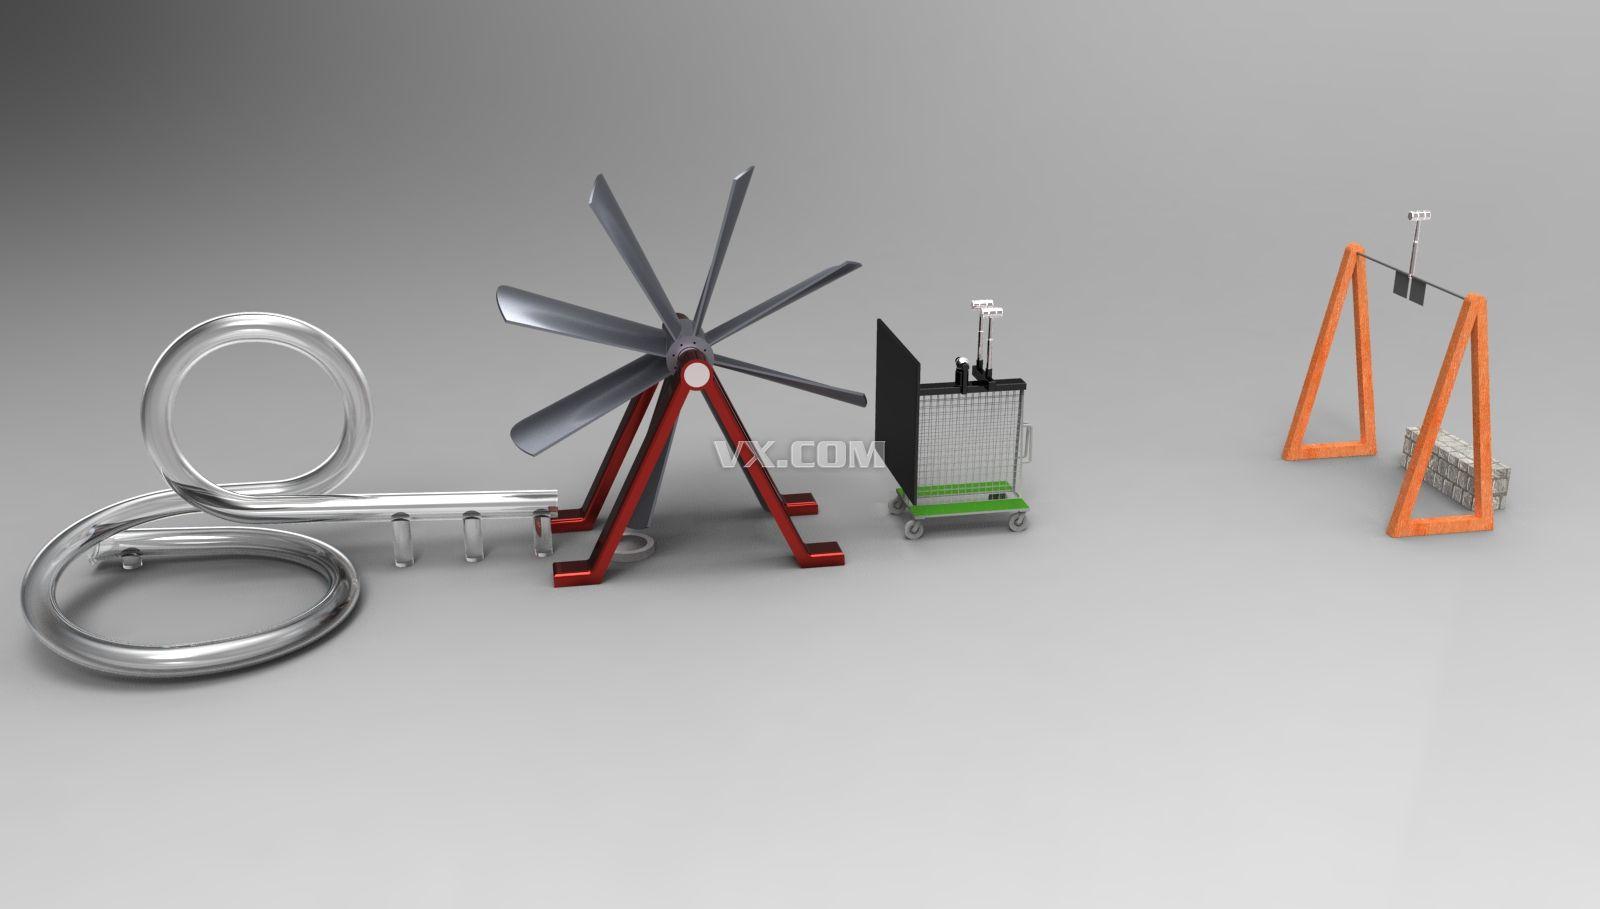 鲁布戈德堡机械设计图展示